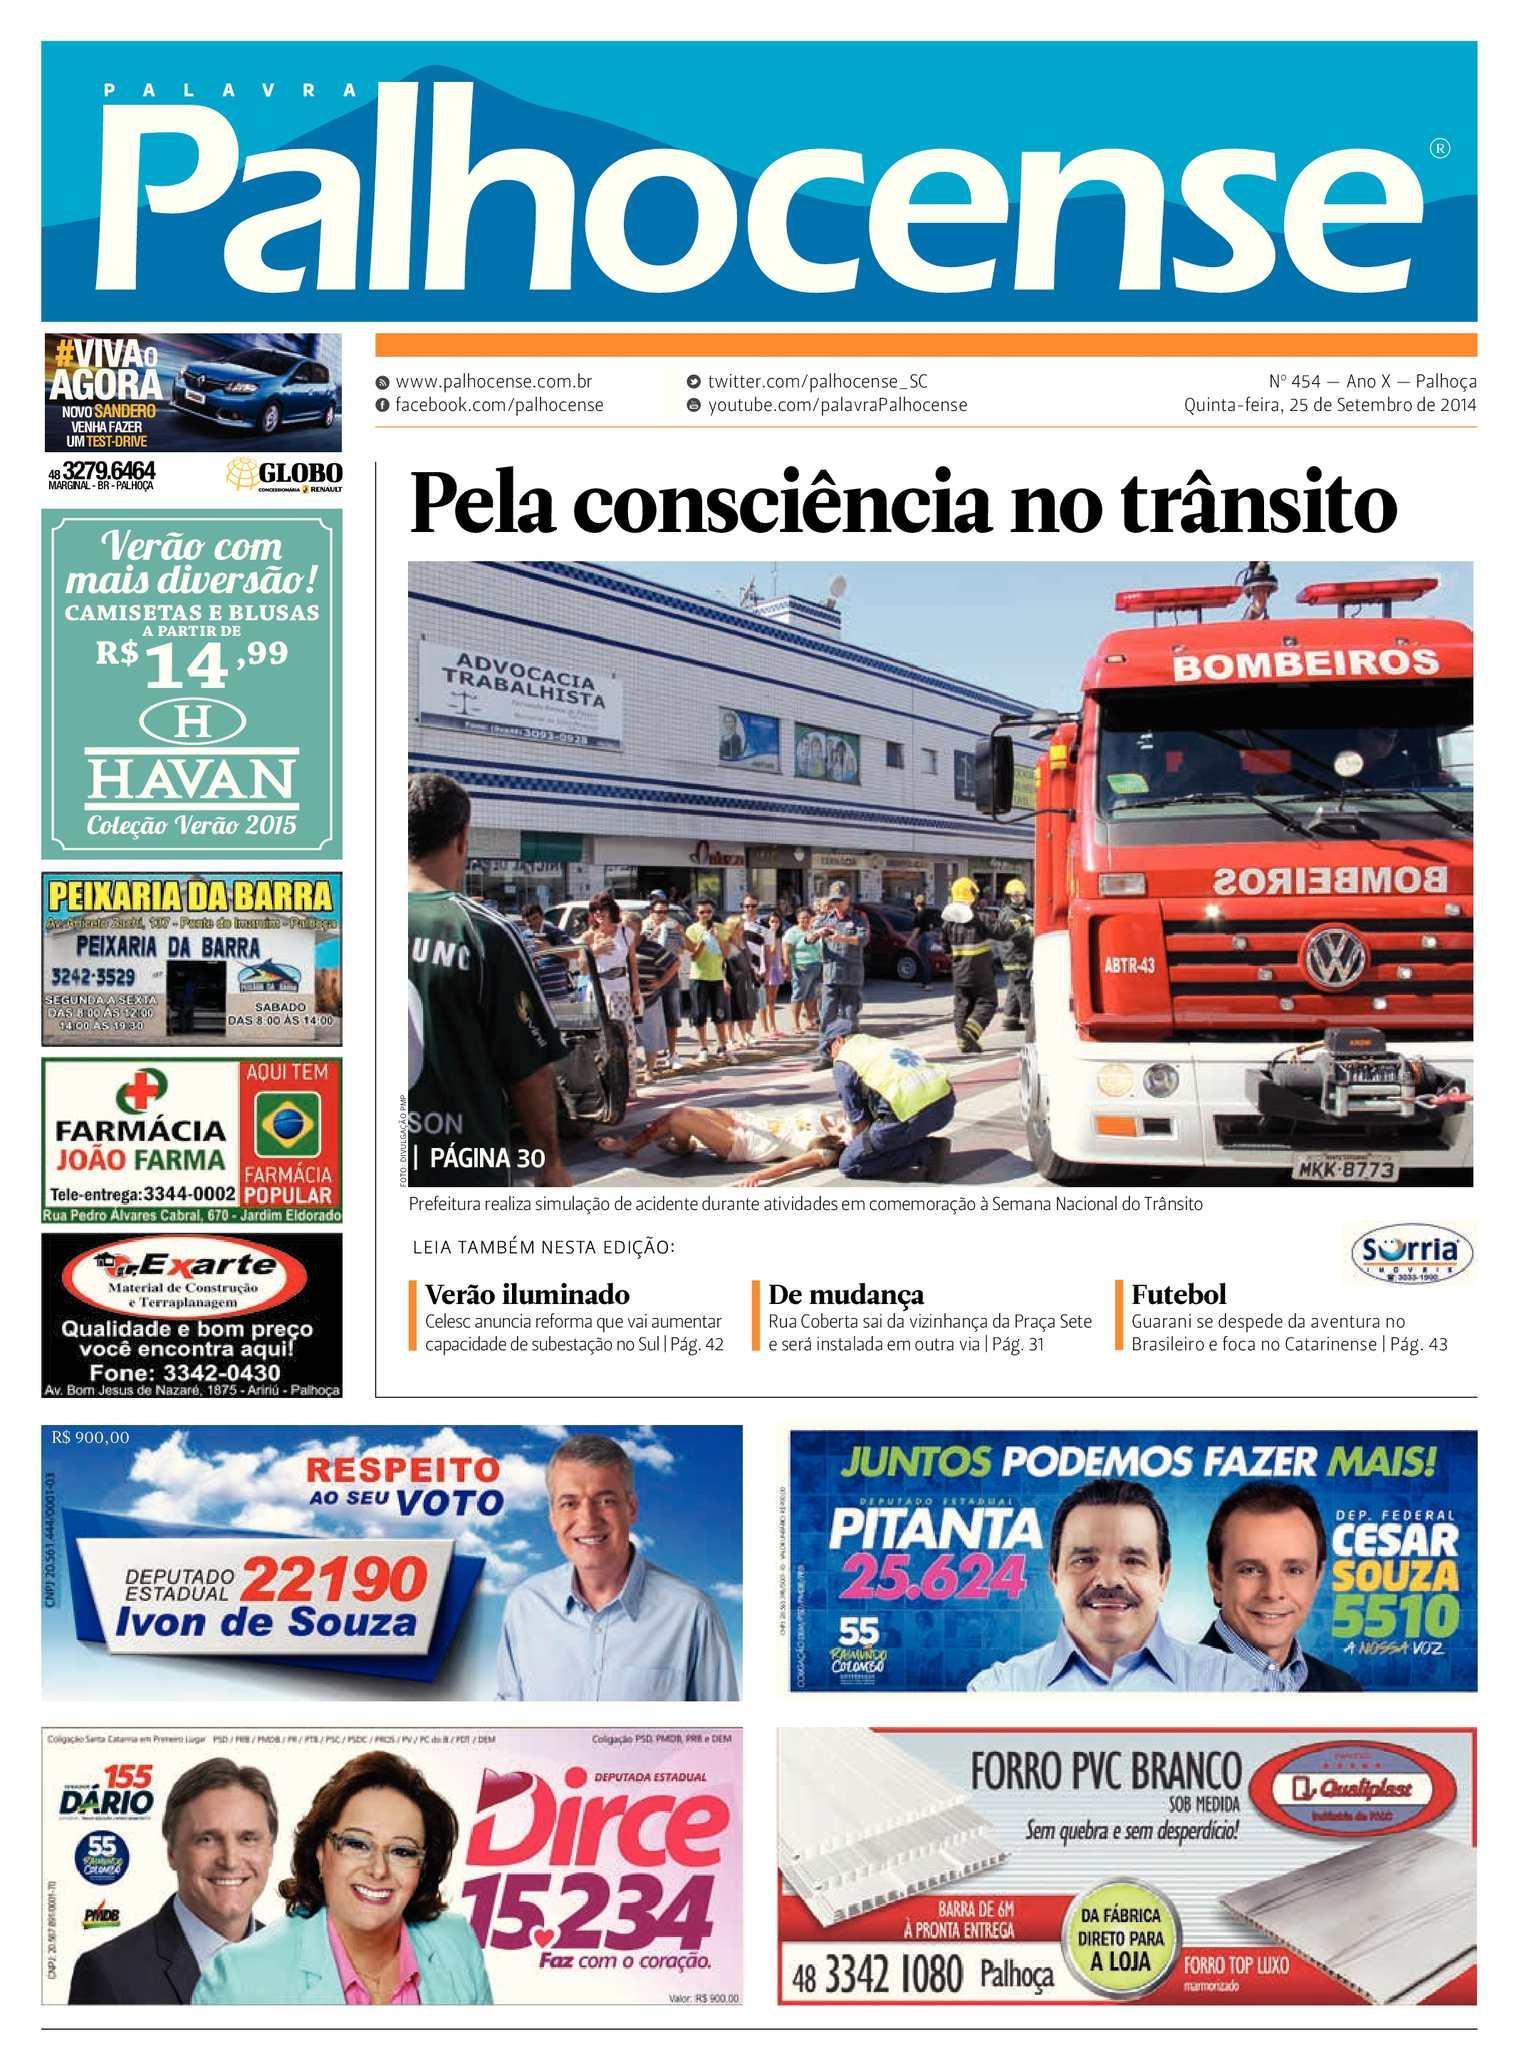 Calaméo - Jornal Palavra Palhocense - Edição 454 c1e5ae98b1f23